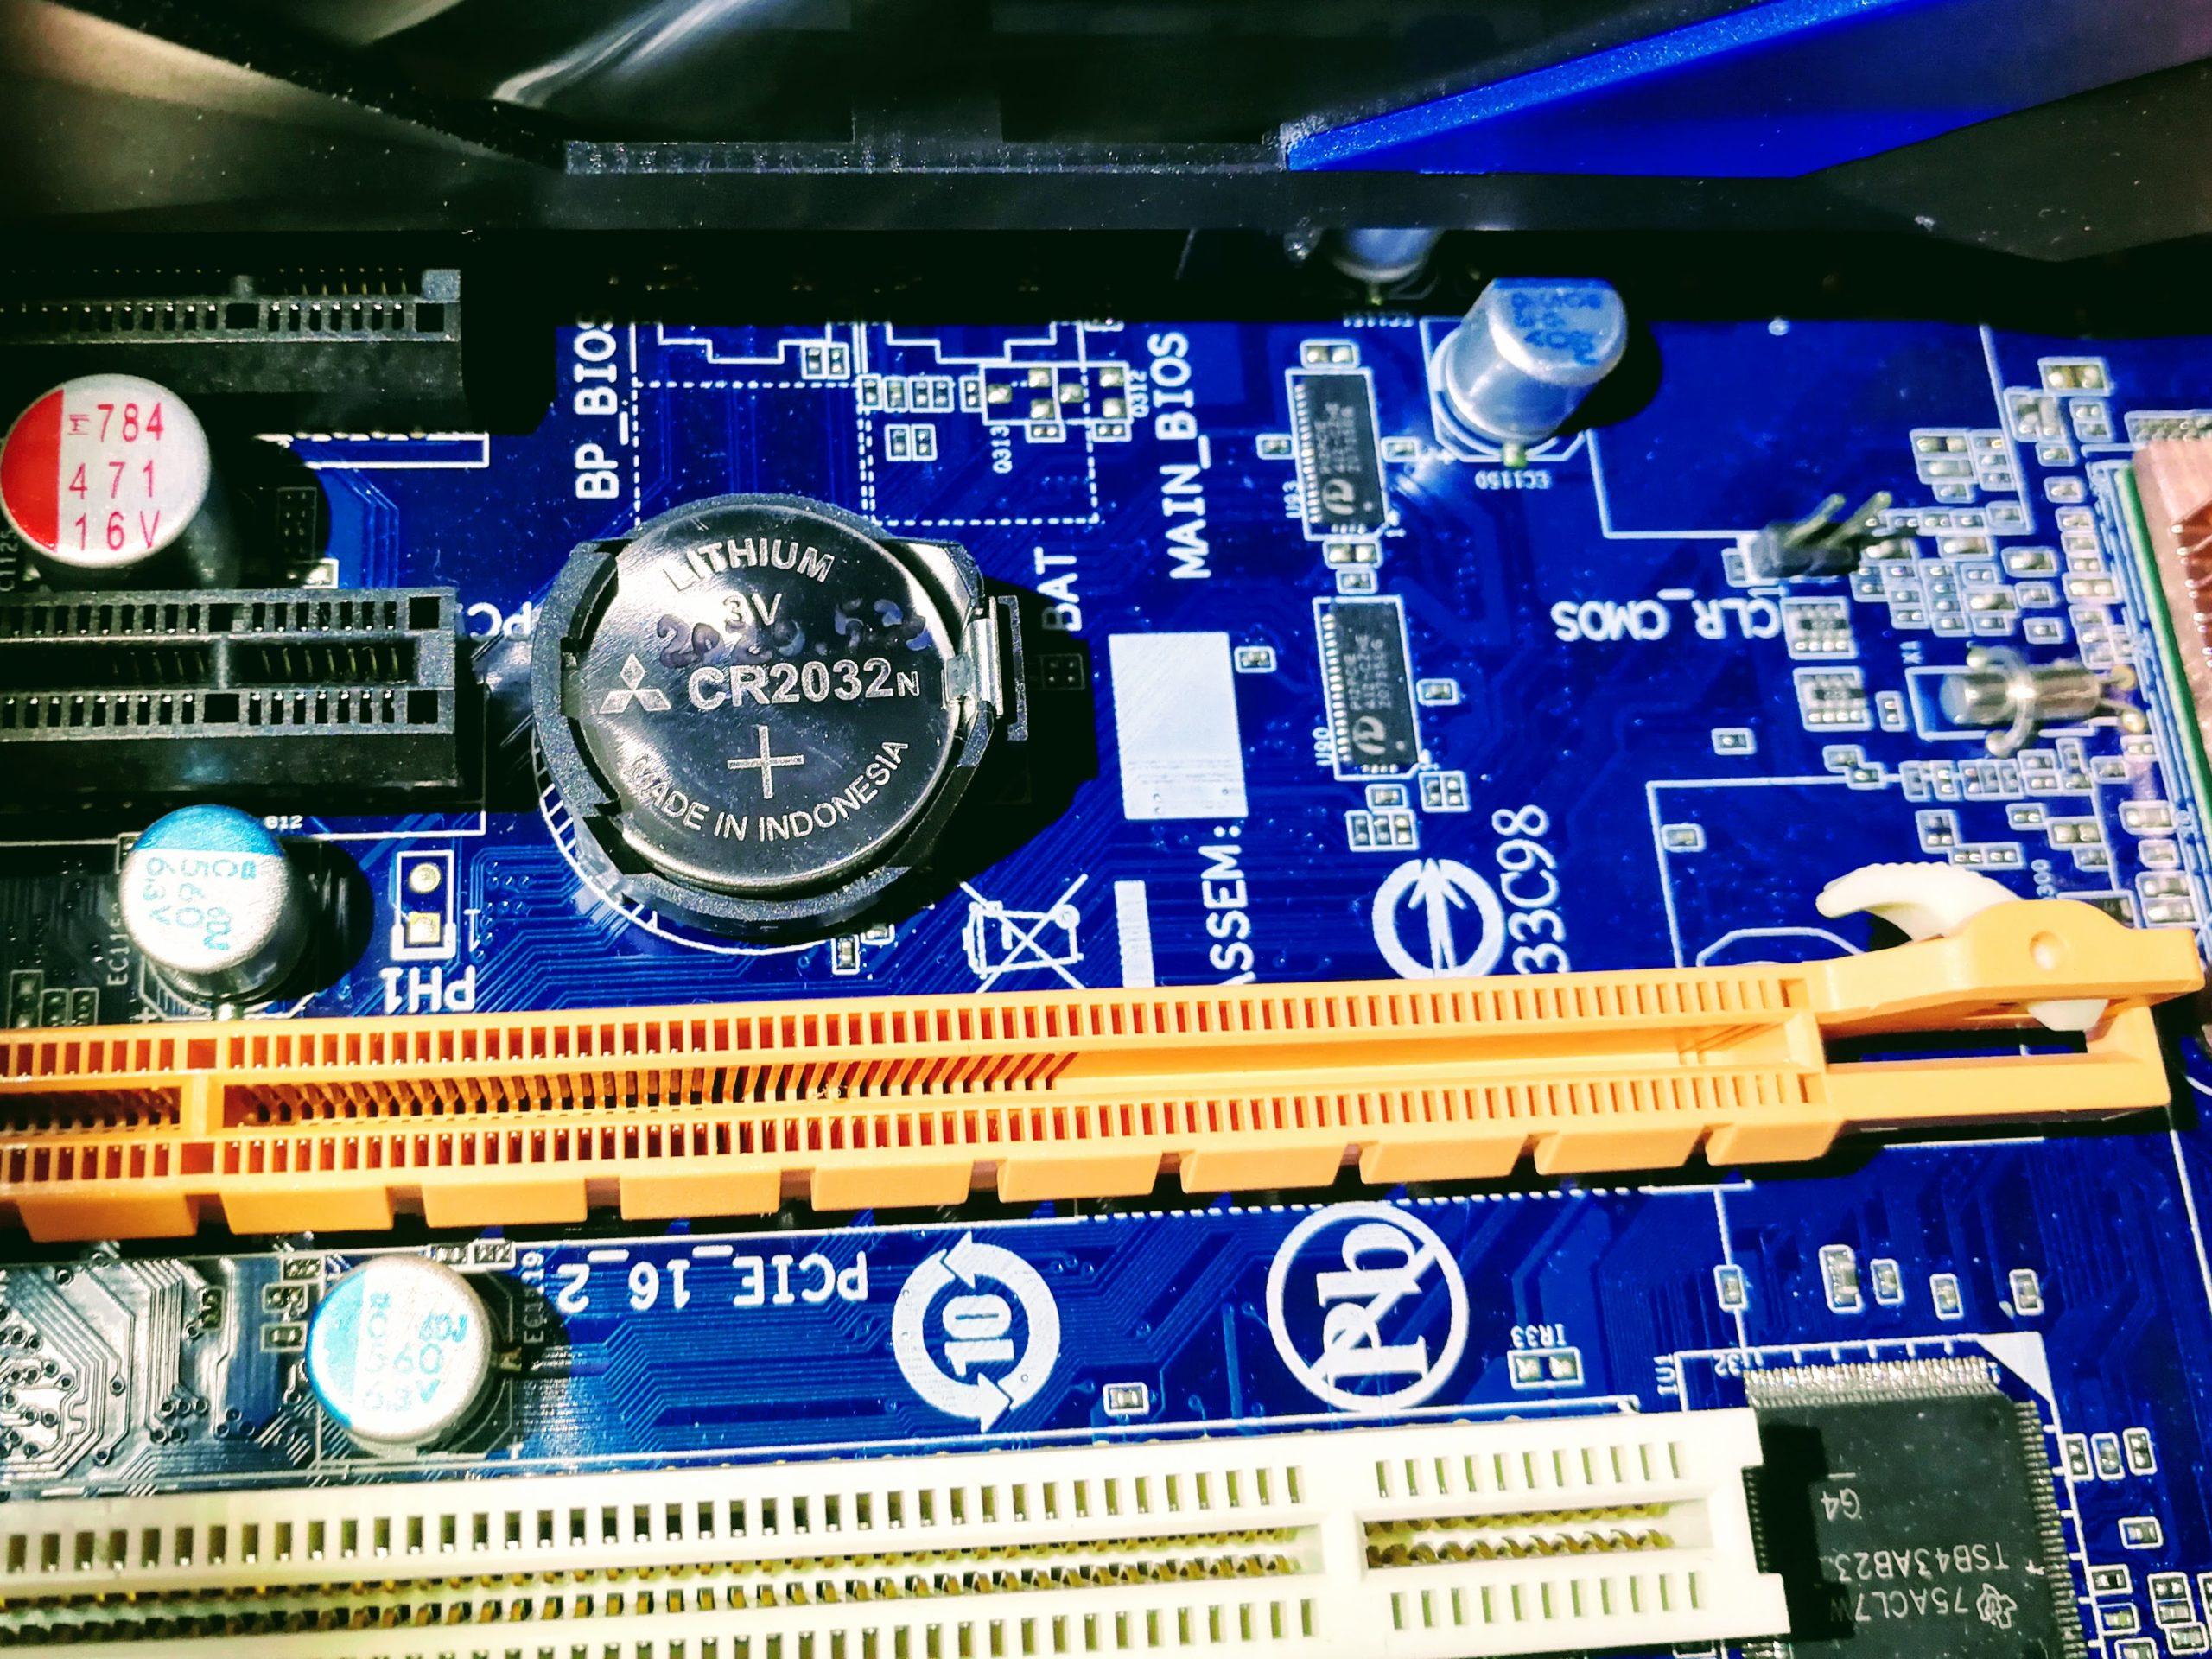 原因究明、CMOS電池だった